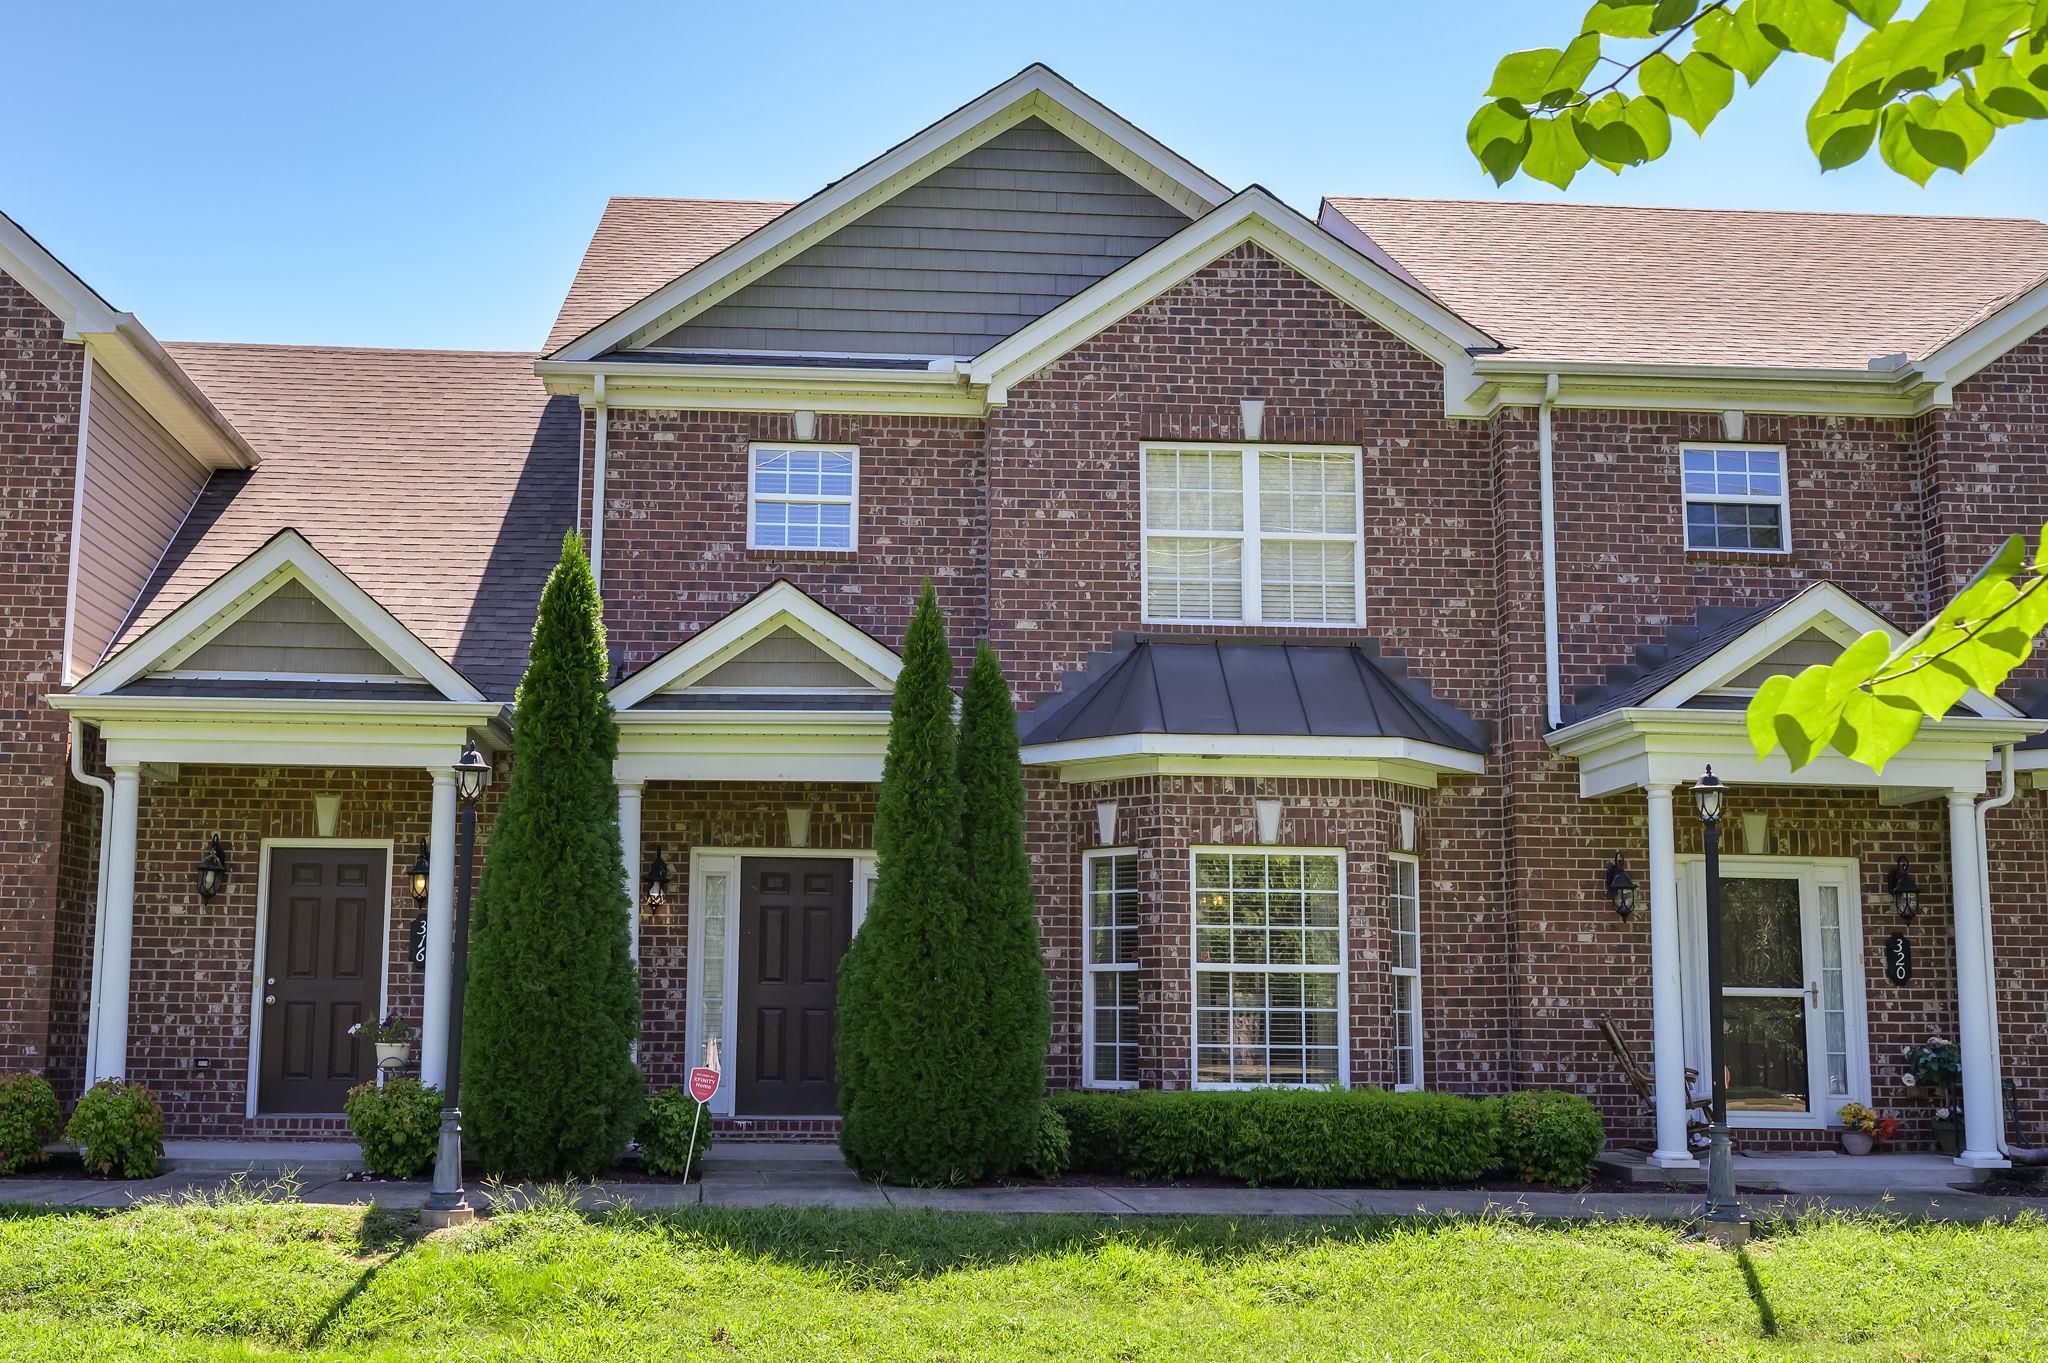 318 Rowlette Cir, Murfreesboro, TN 37127 - Murfreesboro, TN real estate listing